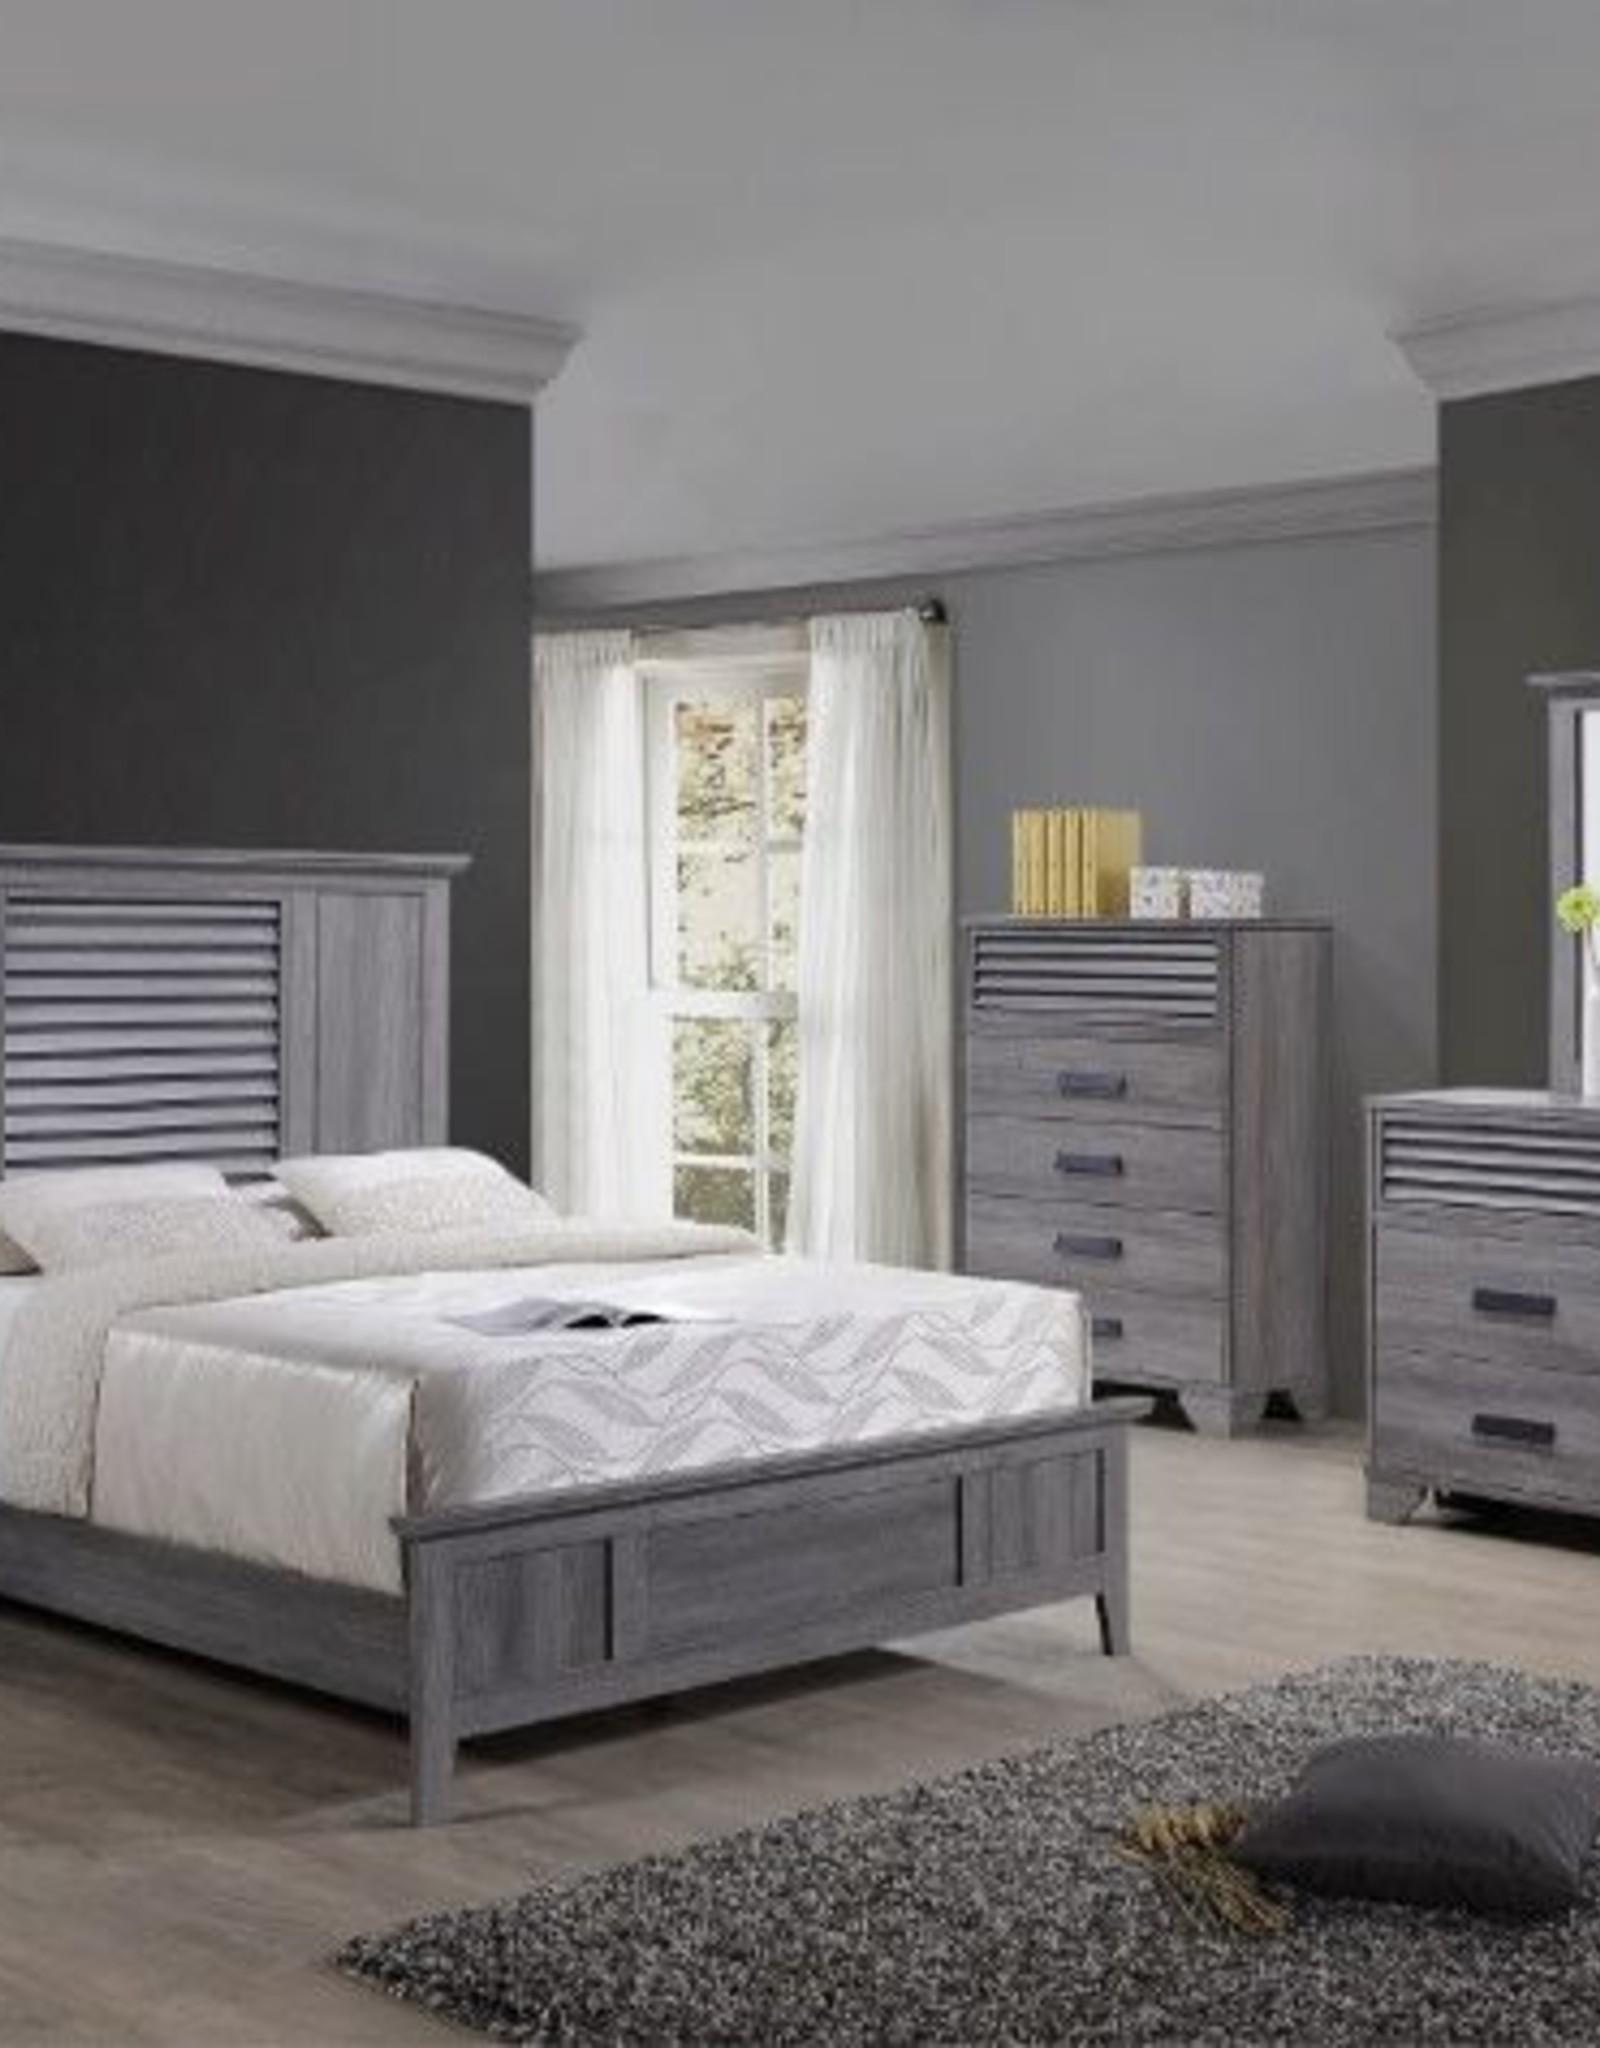 Sarter Seaside Bedroom Set King Size Bargain Box And Bunks